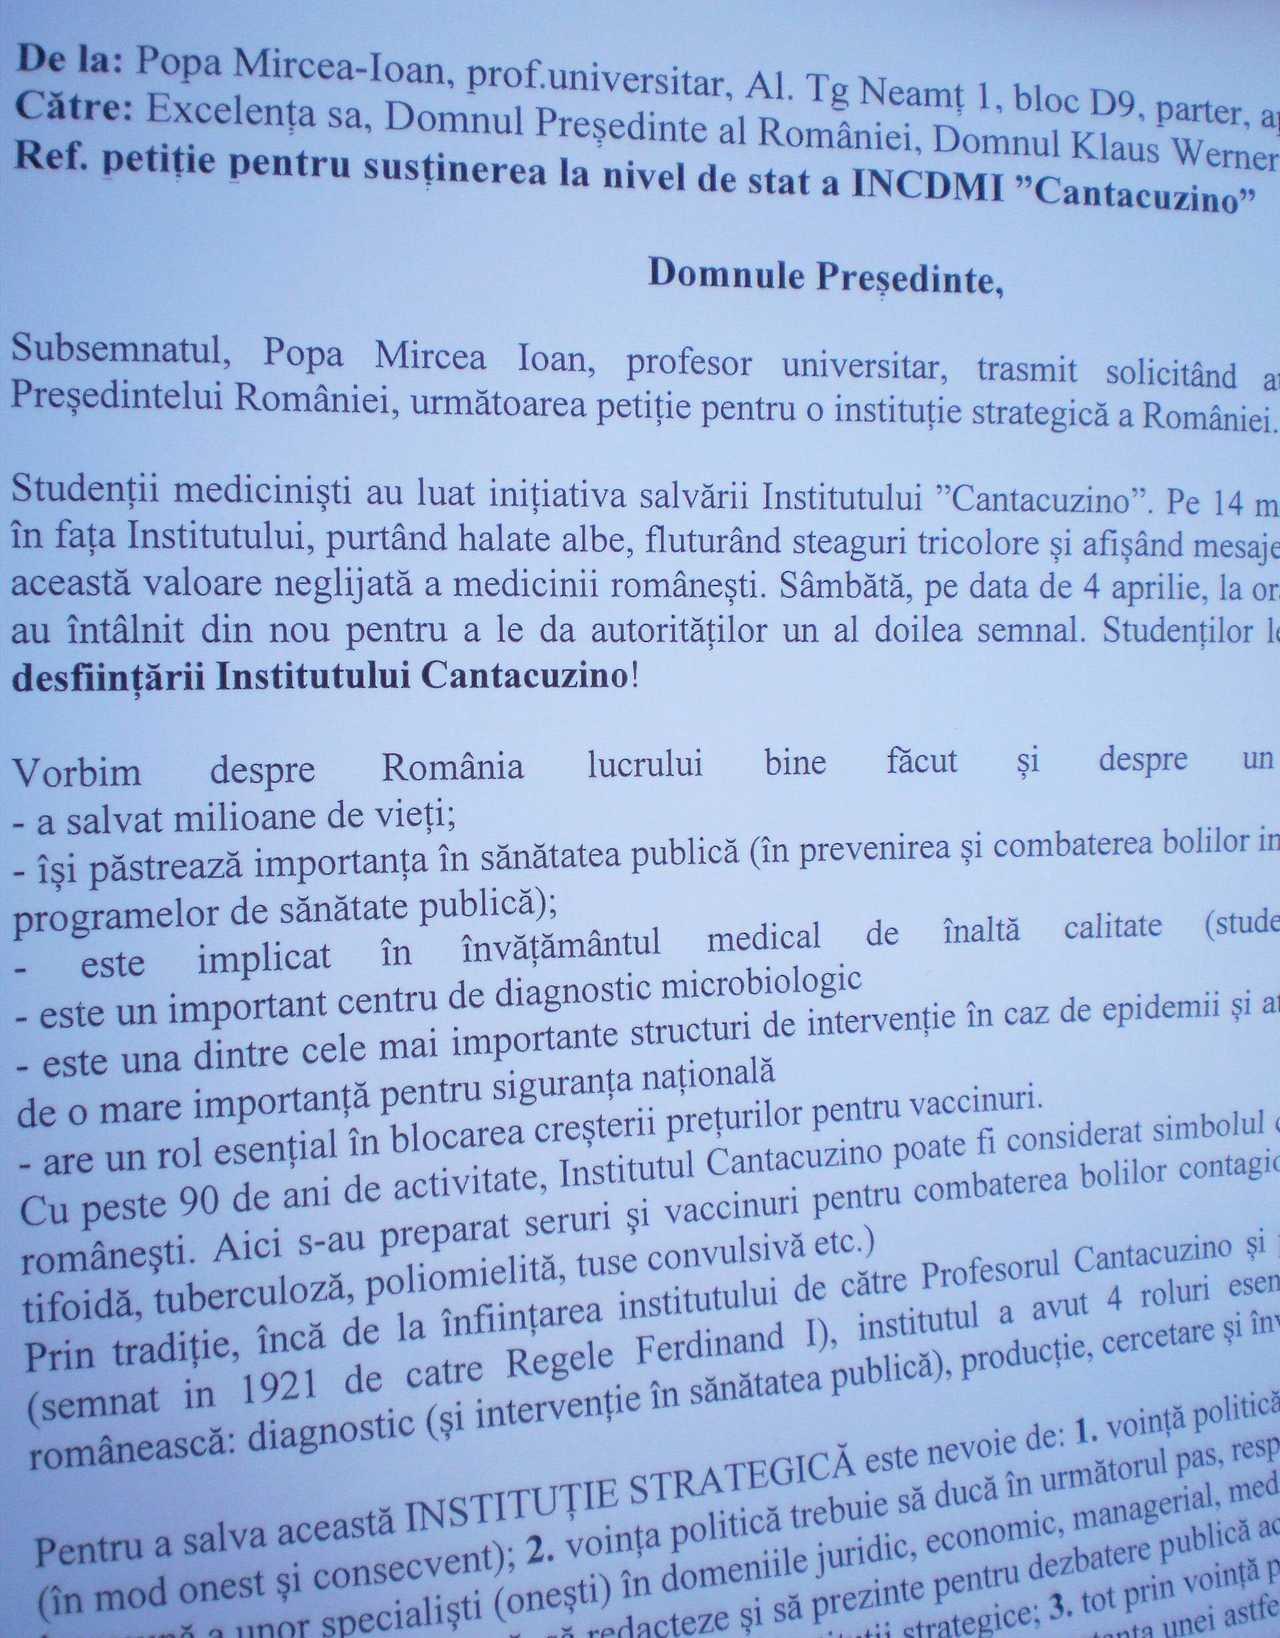 Petițiie Președinție pentru susținere la nivel de stat a Institutului Cantacuzino